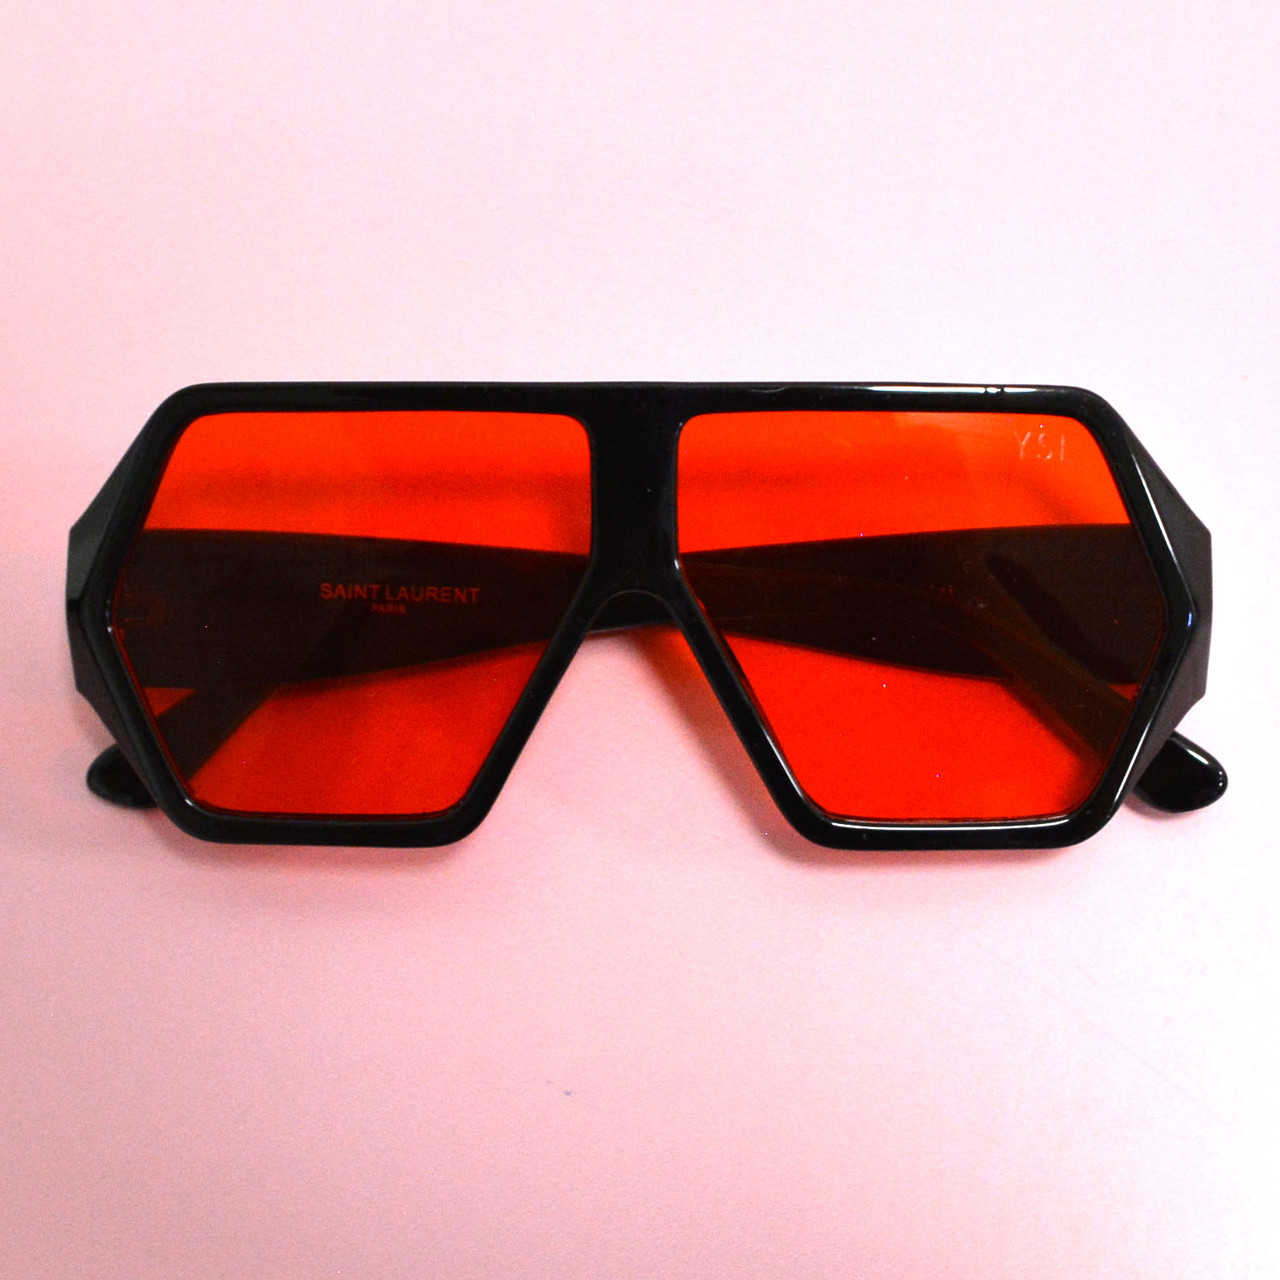 Солнцезащитные очки с красными стеклами с широкой черной дужкой YSL 3010 - фото 10